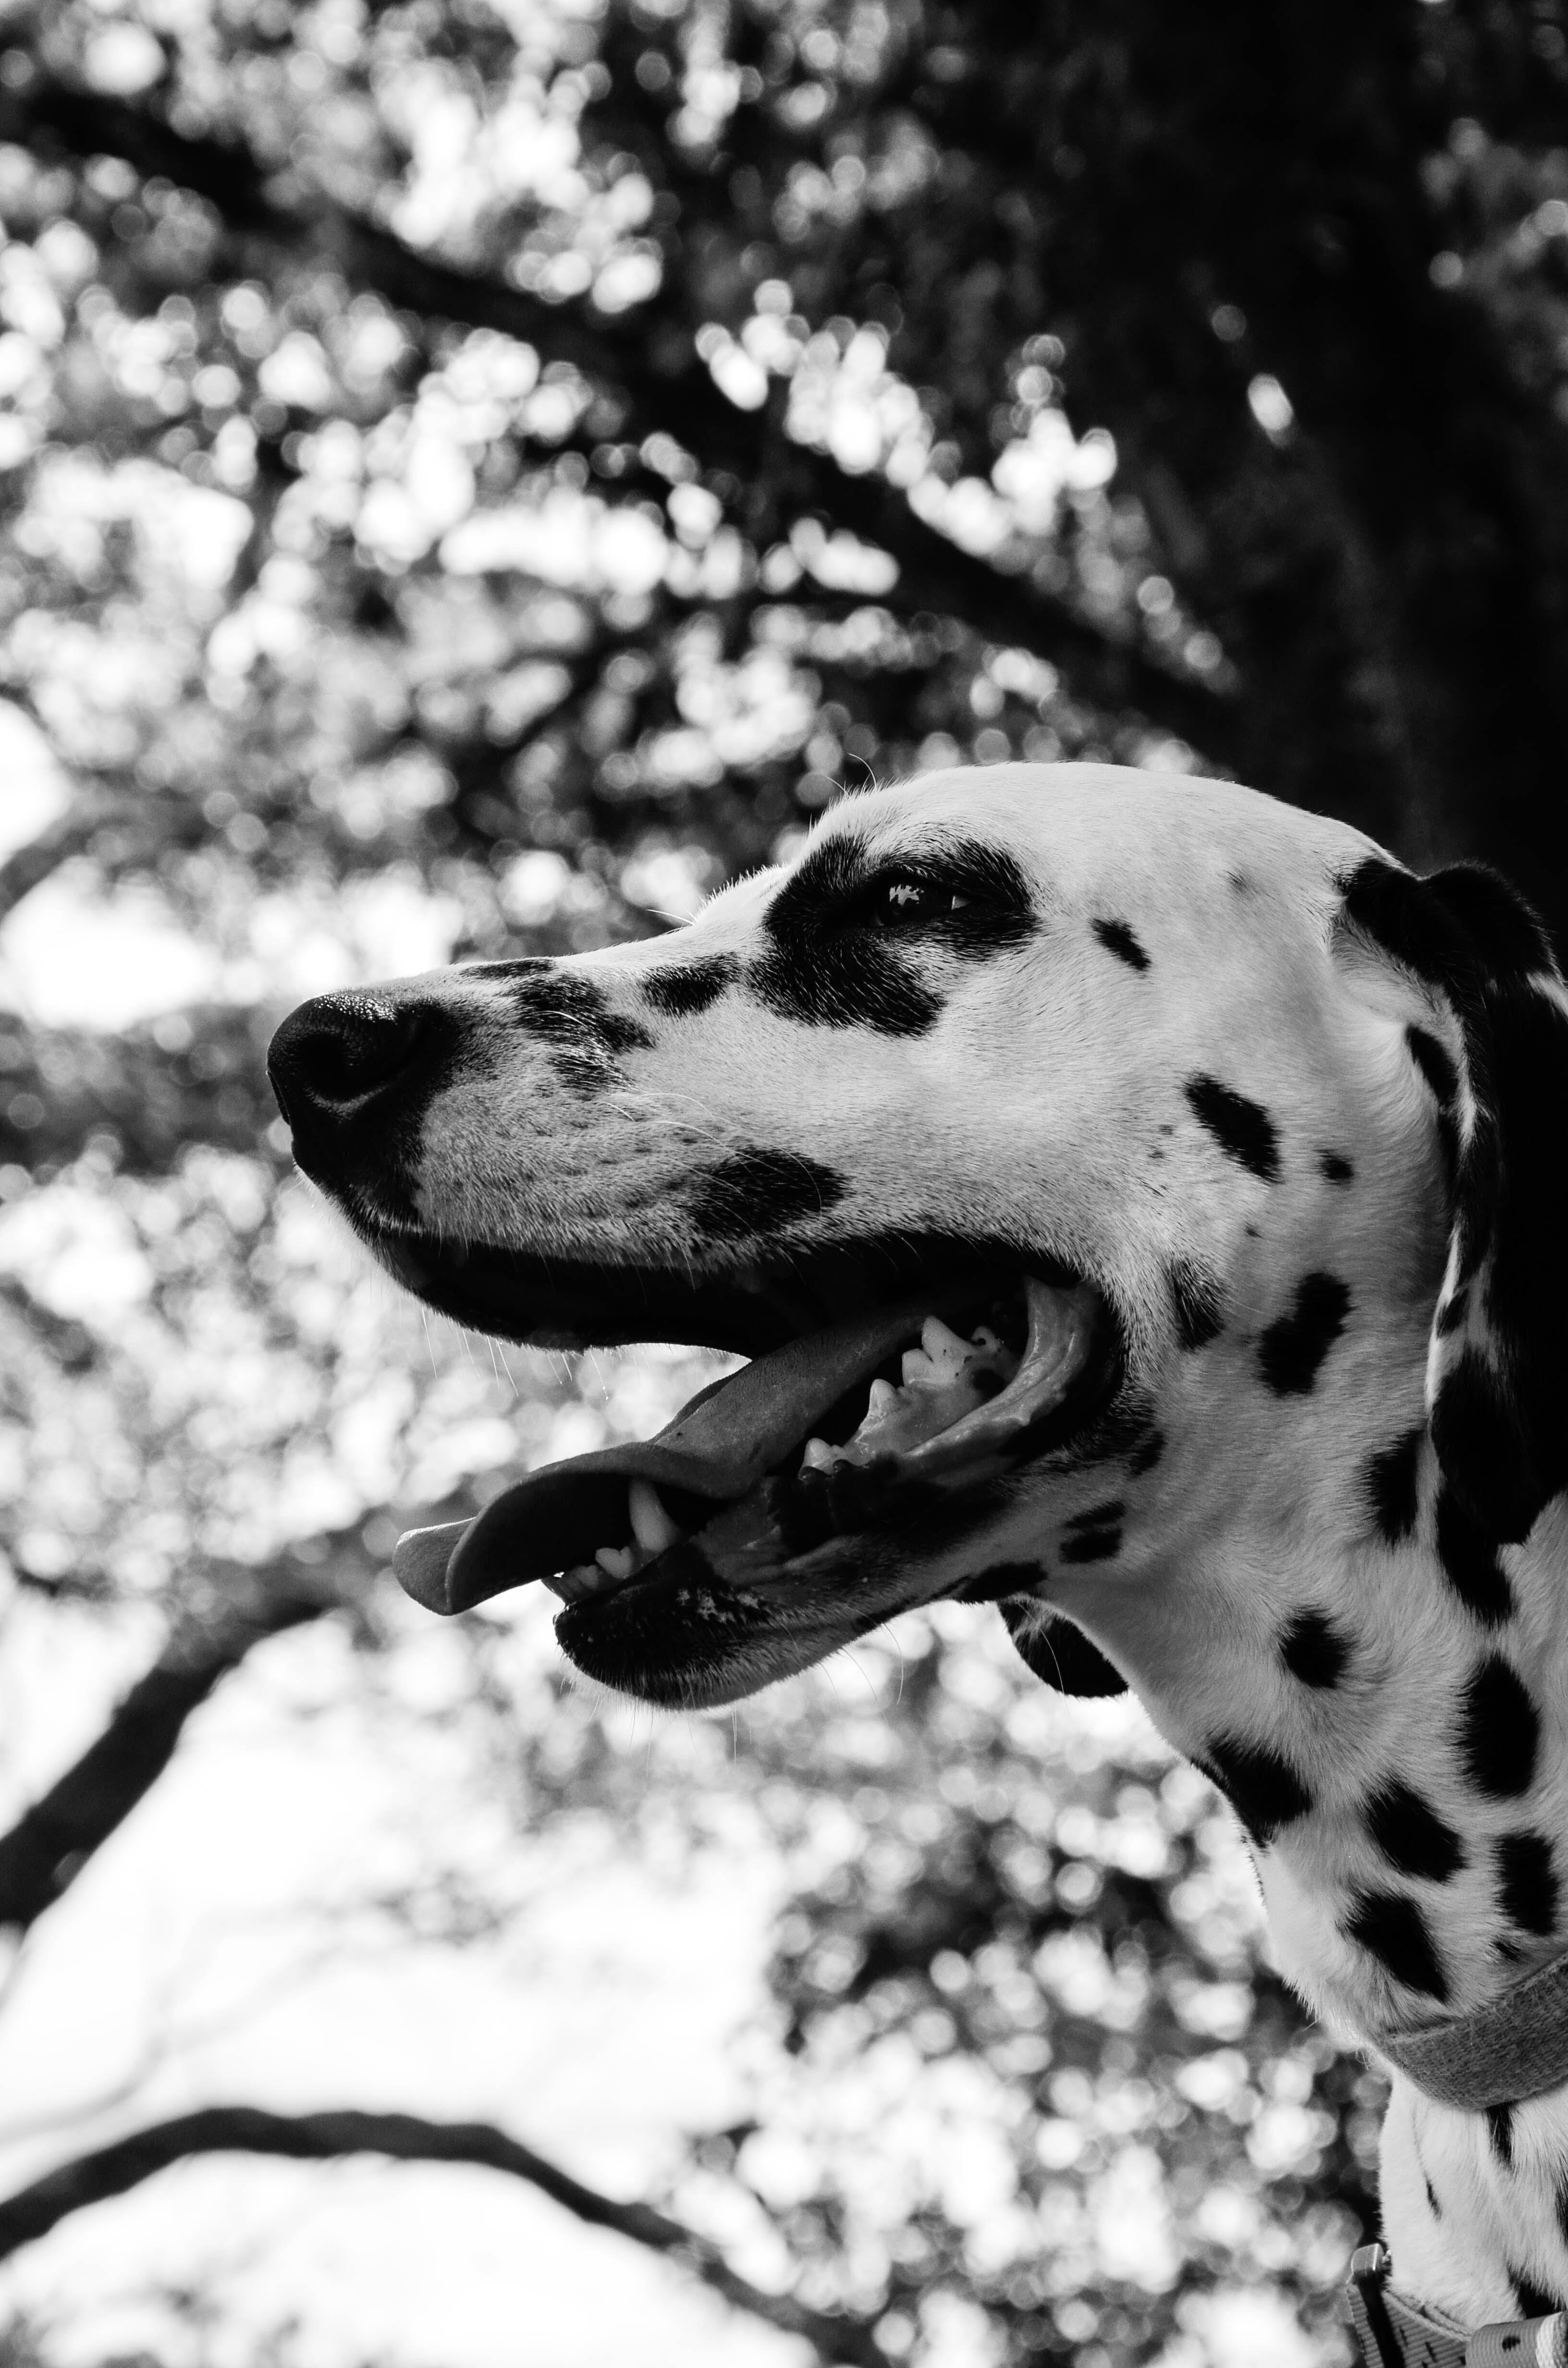 Kostnadsfri bild av däggdjur, dalmatiner, djur, djurporträtt